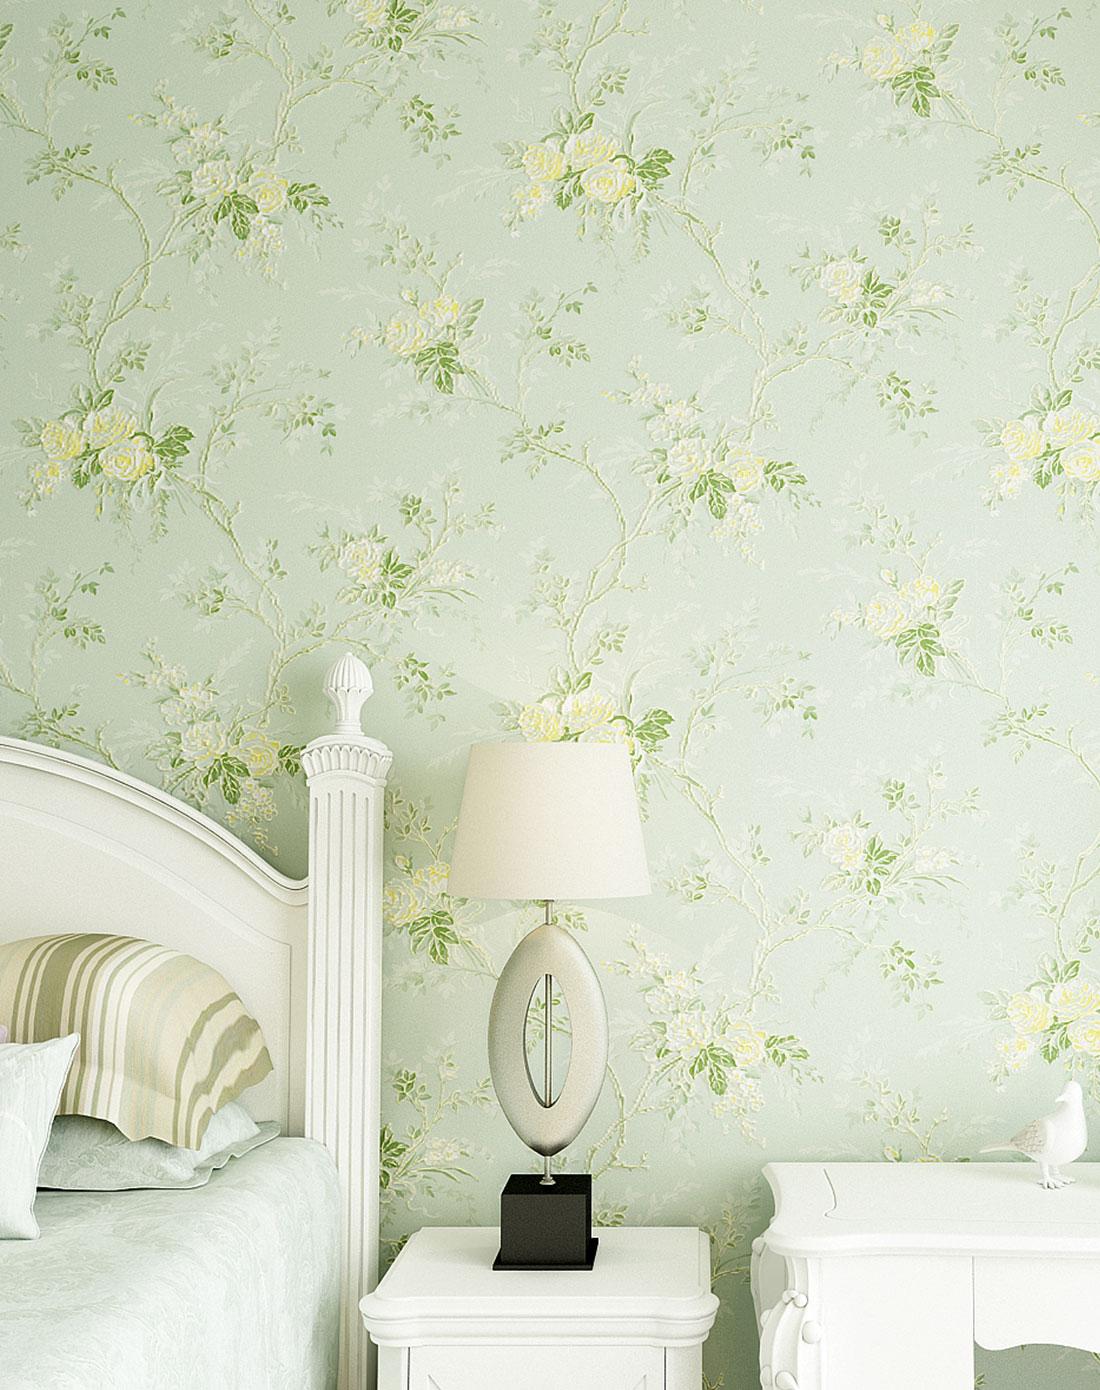 薄荷绿无纺珠光3d欧式田园墙纸图片